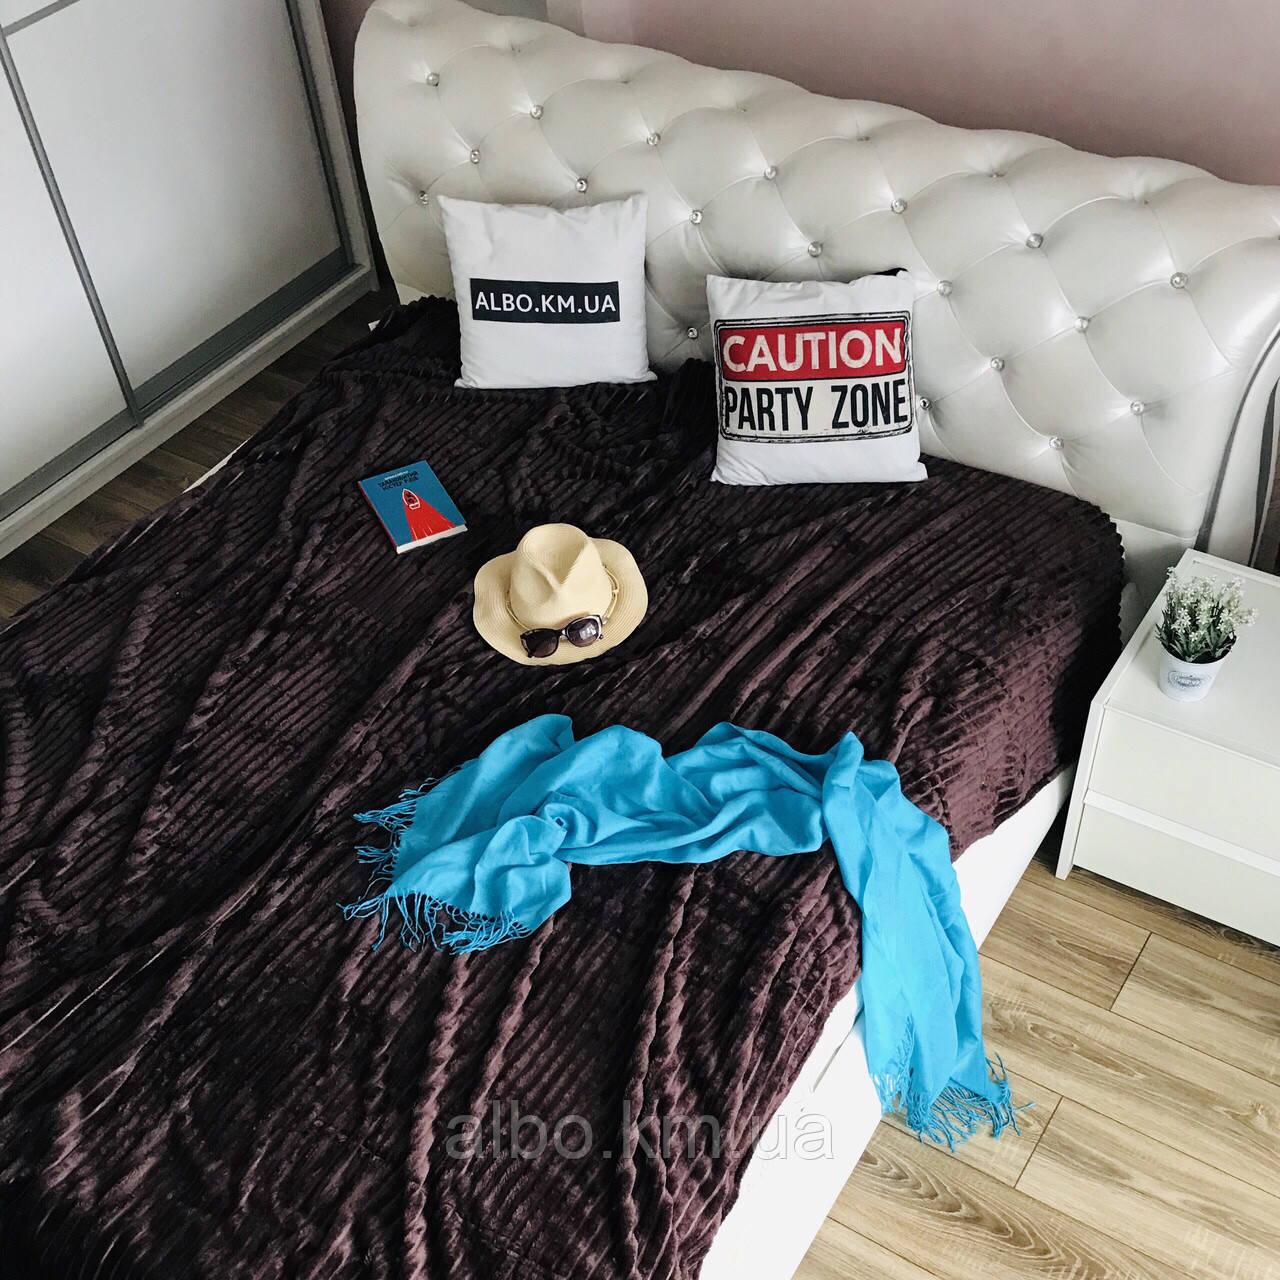 Покрывало микрофибра на диван ALBO 200х230 cm Шоколадное(P-F1-20)